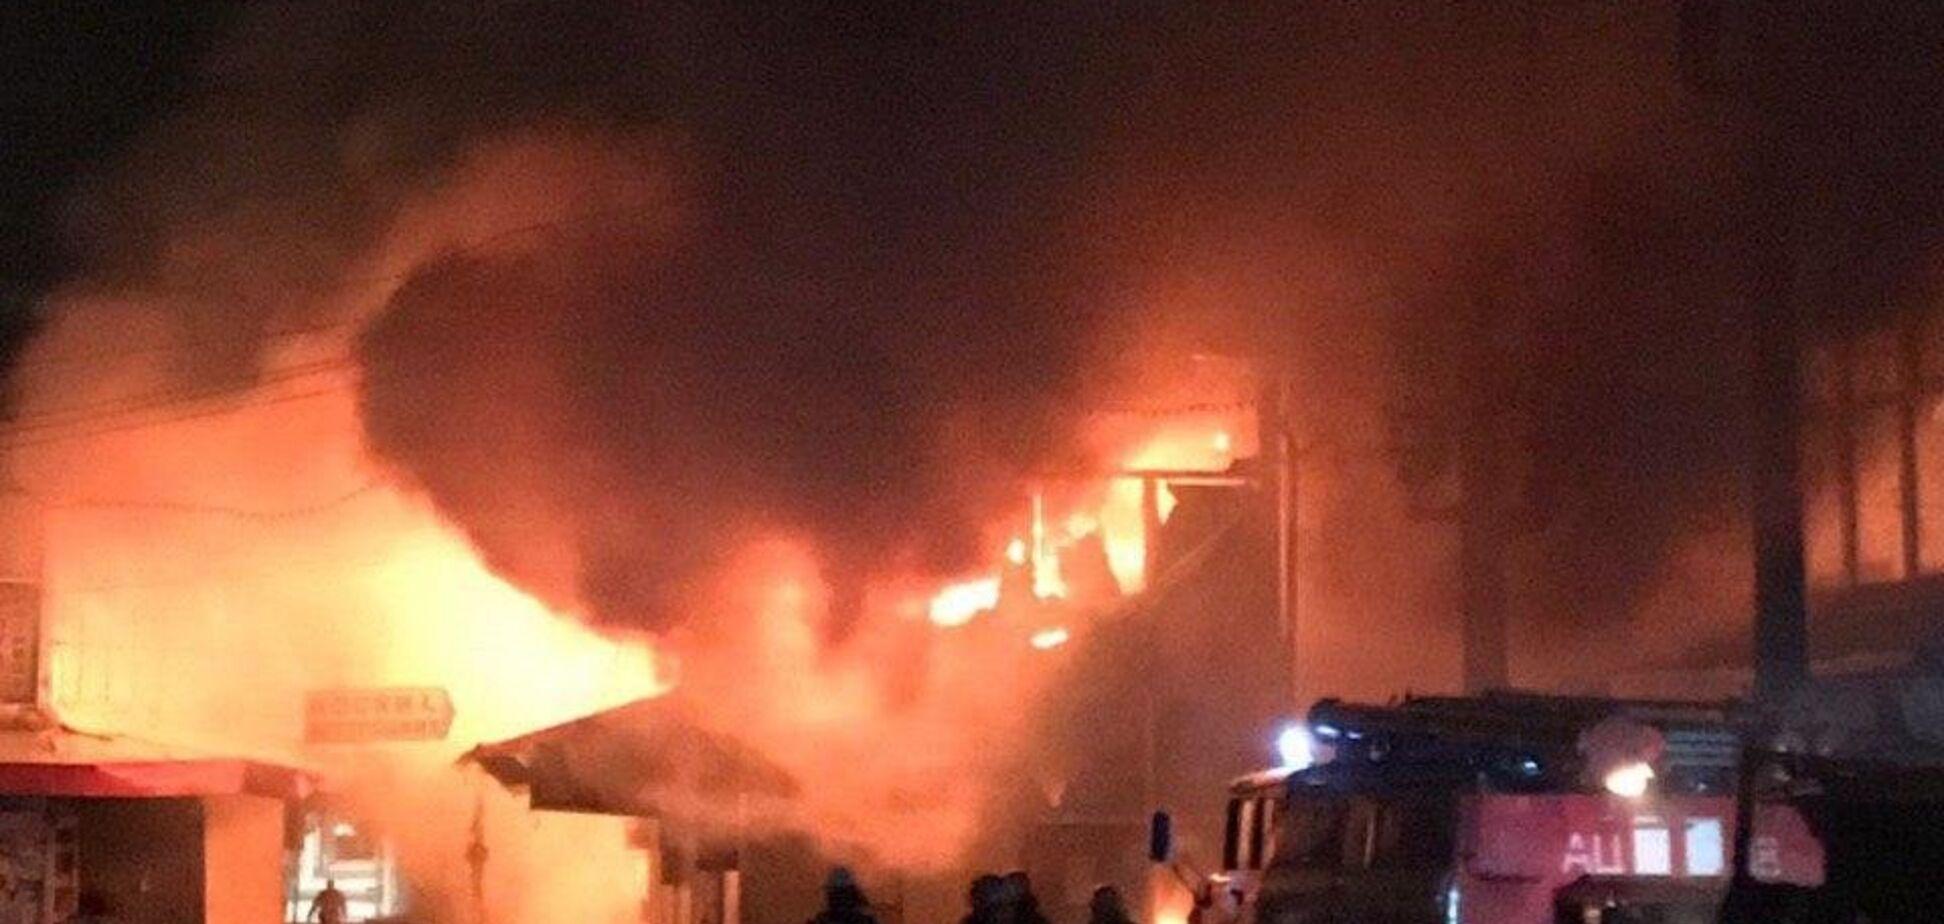 На ринку Барабашово у Харкові трапилася пожежа: фото і відео